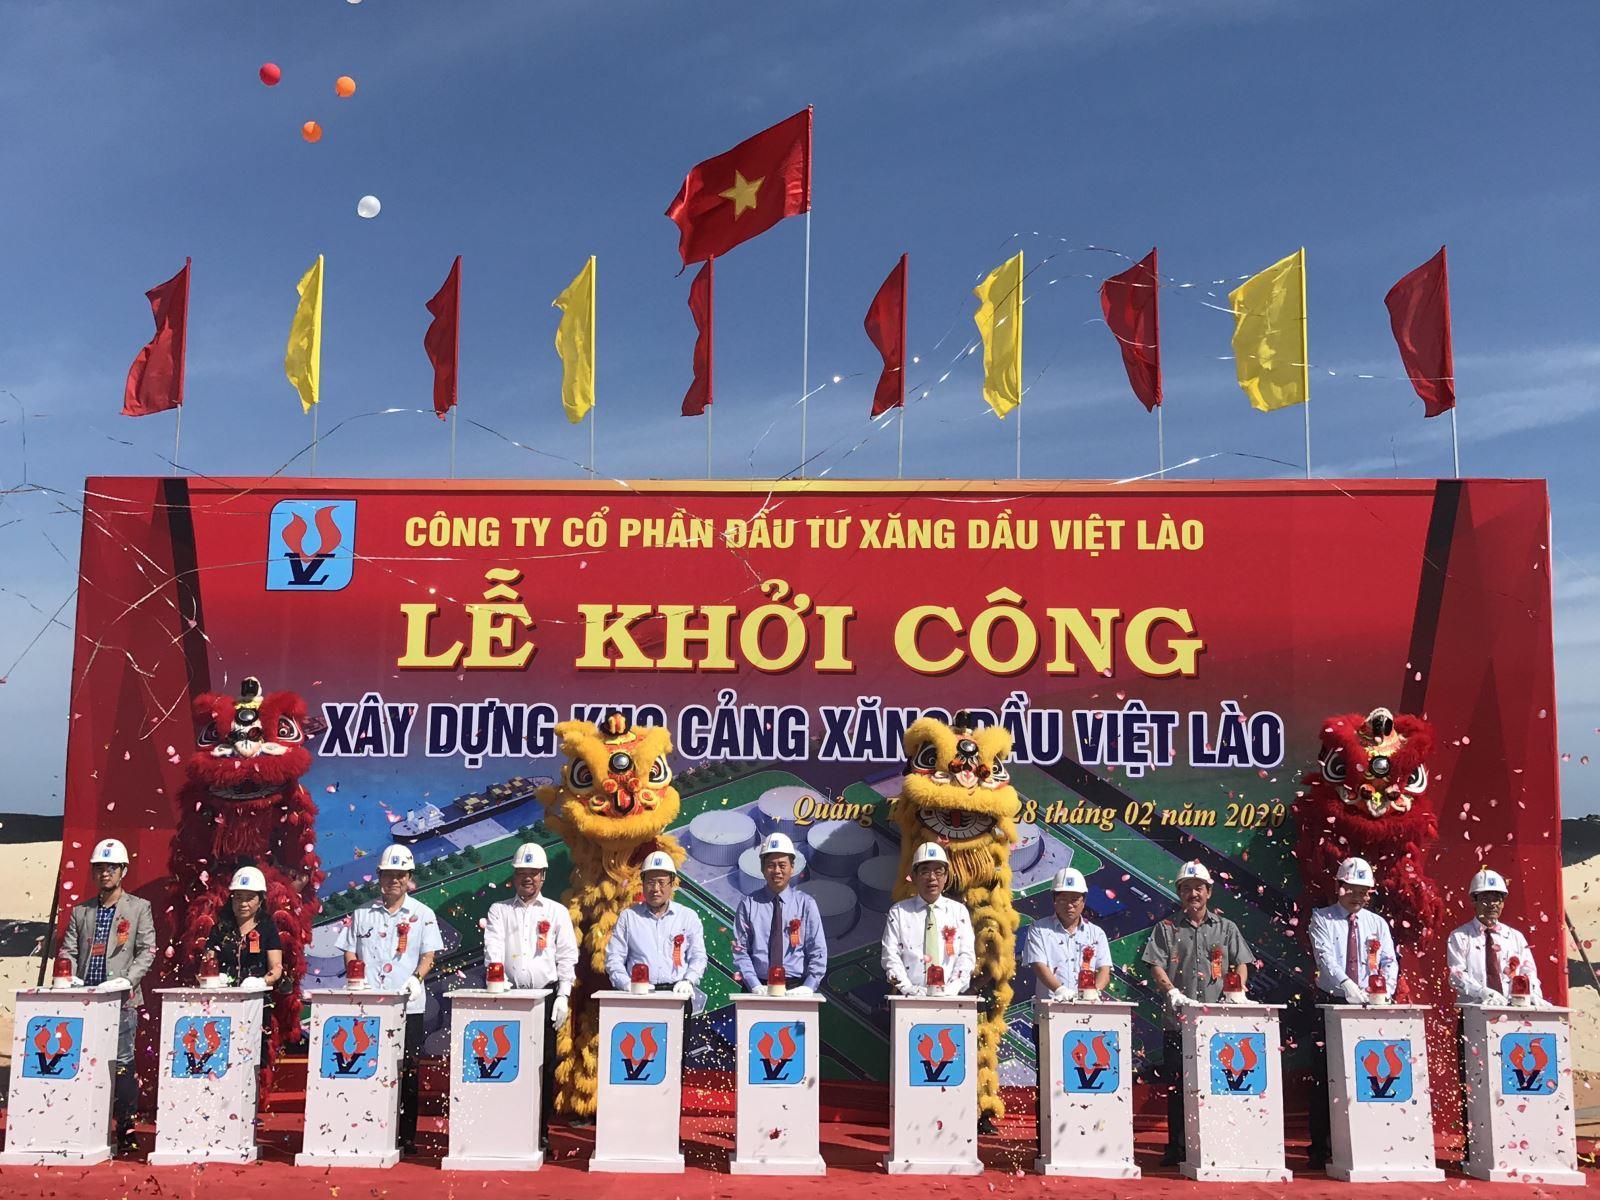 Khởi công xây dựng Kho cảng xăng dầu Việt Lào